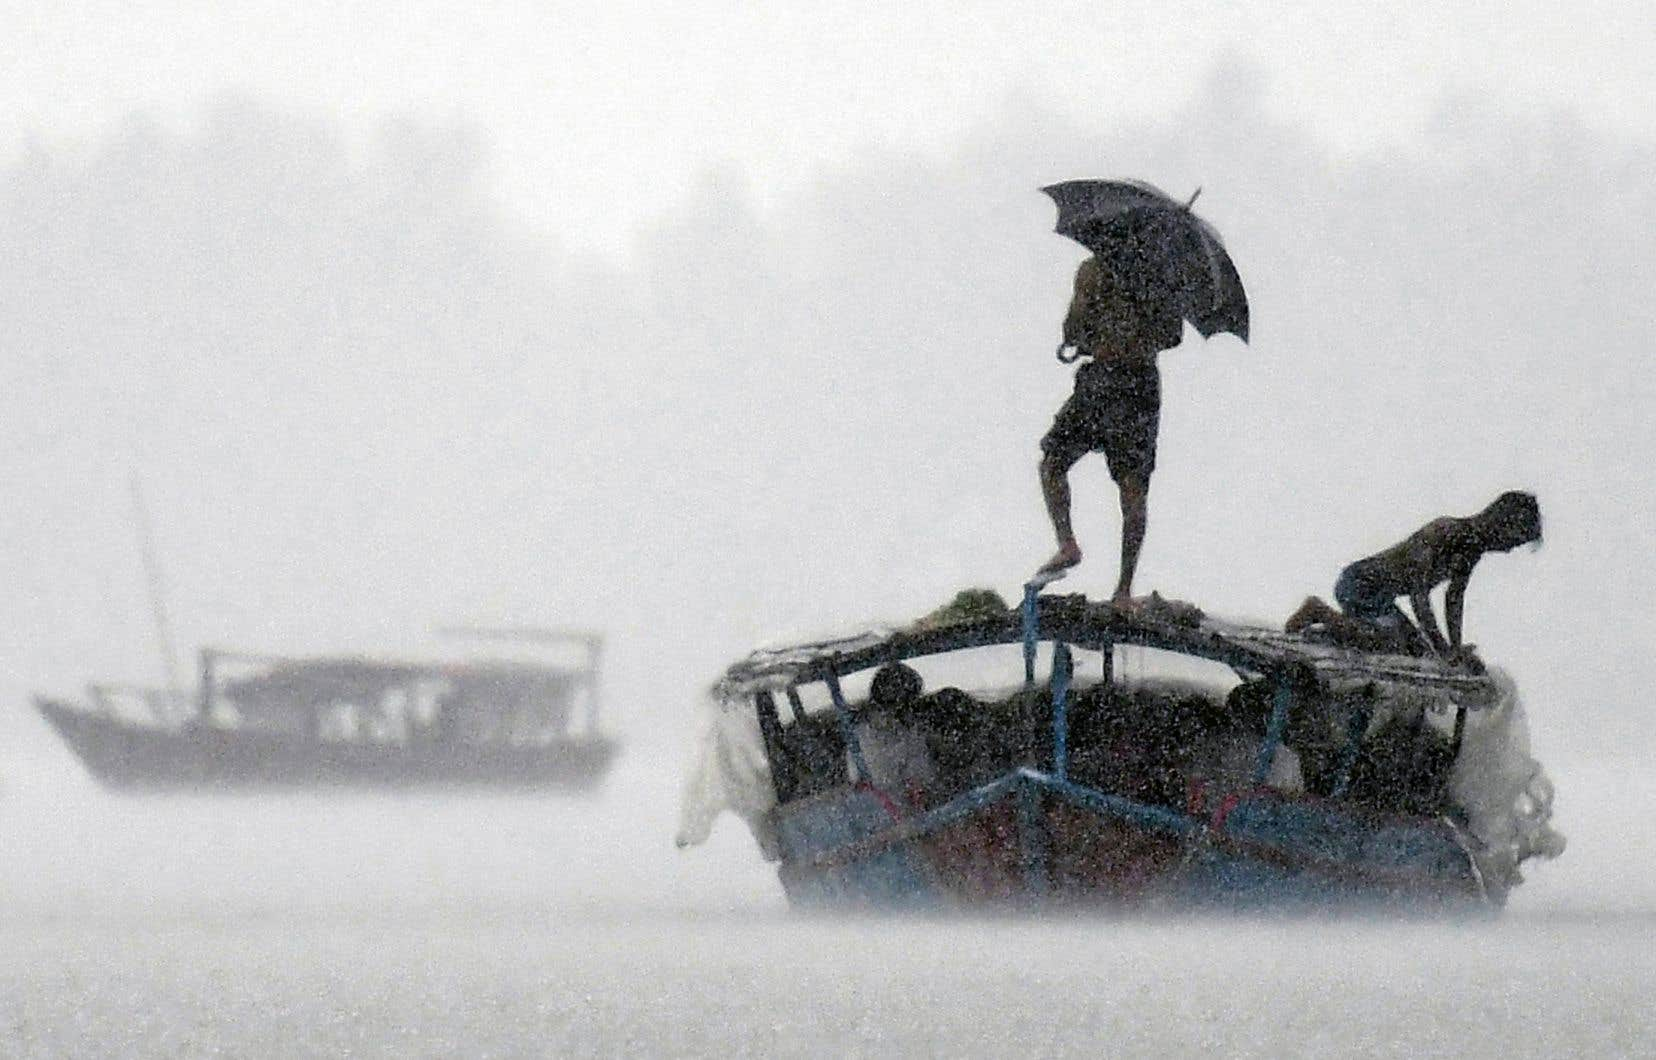 Un bateau transportait des passagers sur le fleuve Padma, au Bangladesh, pendant de fortes pluies en septembre dernier. En seulement cinq ans, plus de 9000 personnes ont été déplacées par le Padma, le principal affluent du Gange, envahissant de plus en plus l'intérieur des terres.